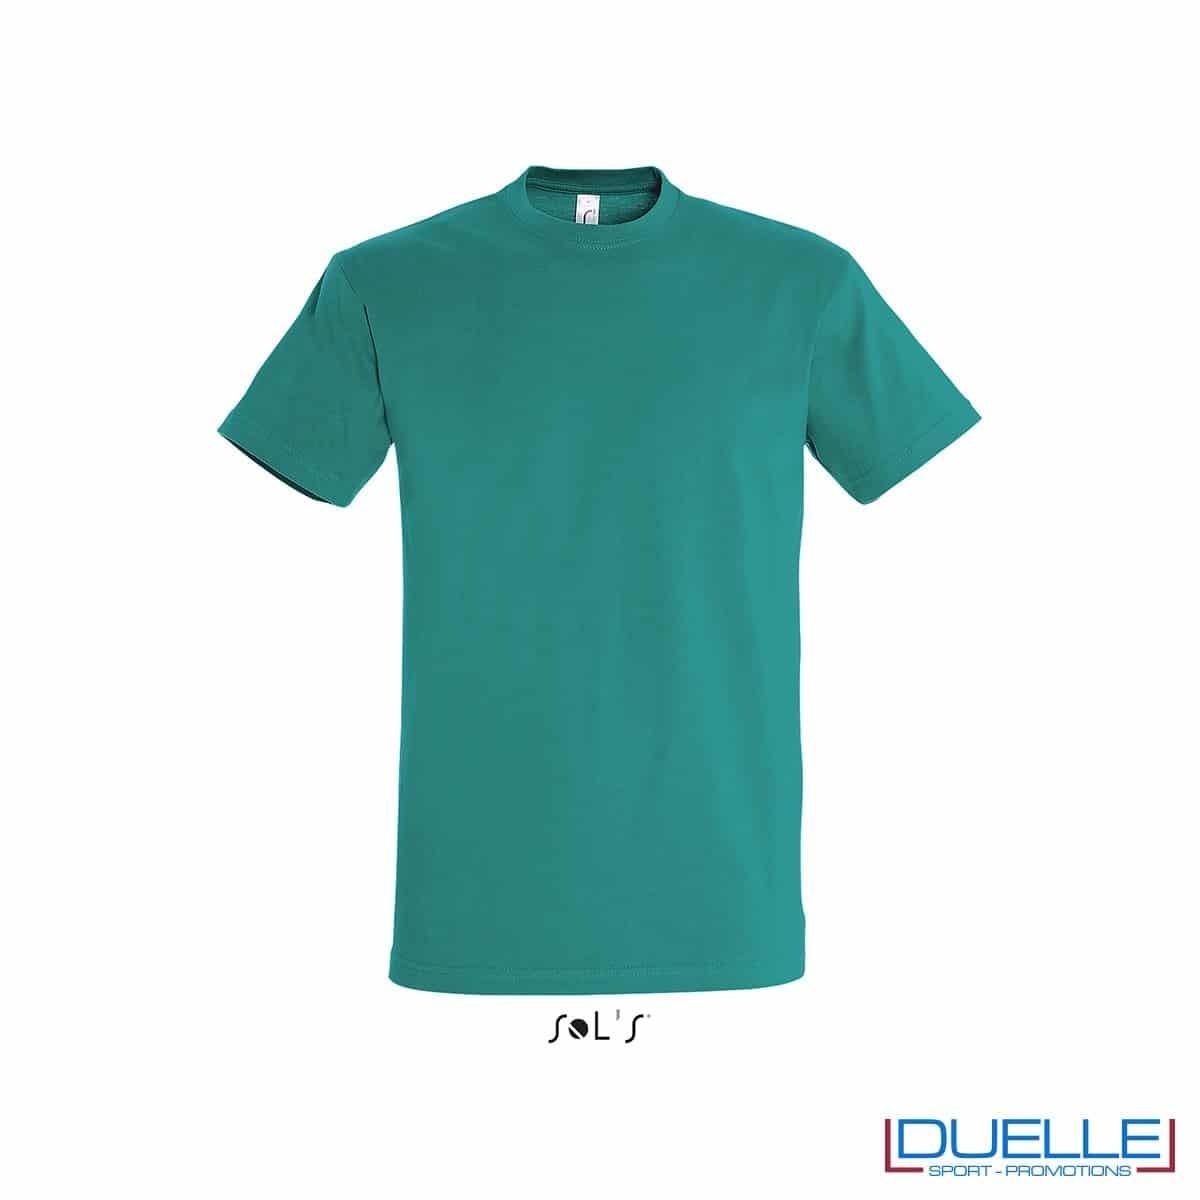 T-shirt promozionale in cotone pesante colore verde smeraldo personalizzata con ricamo o stampa